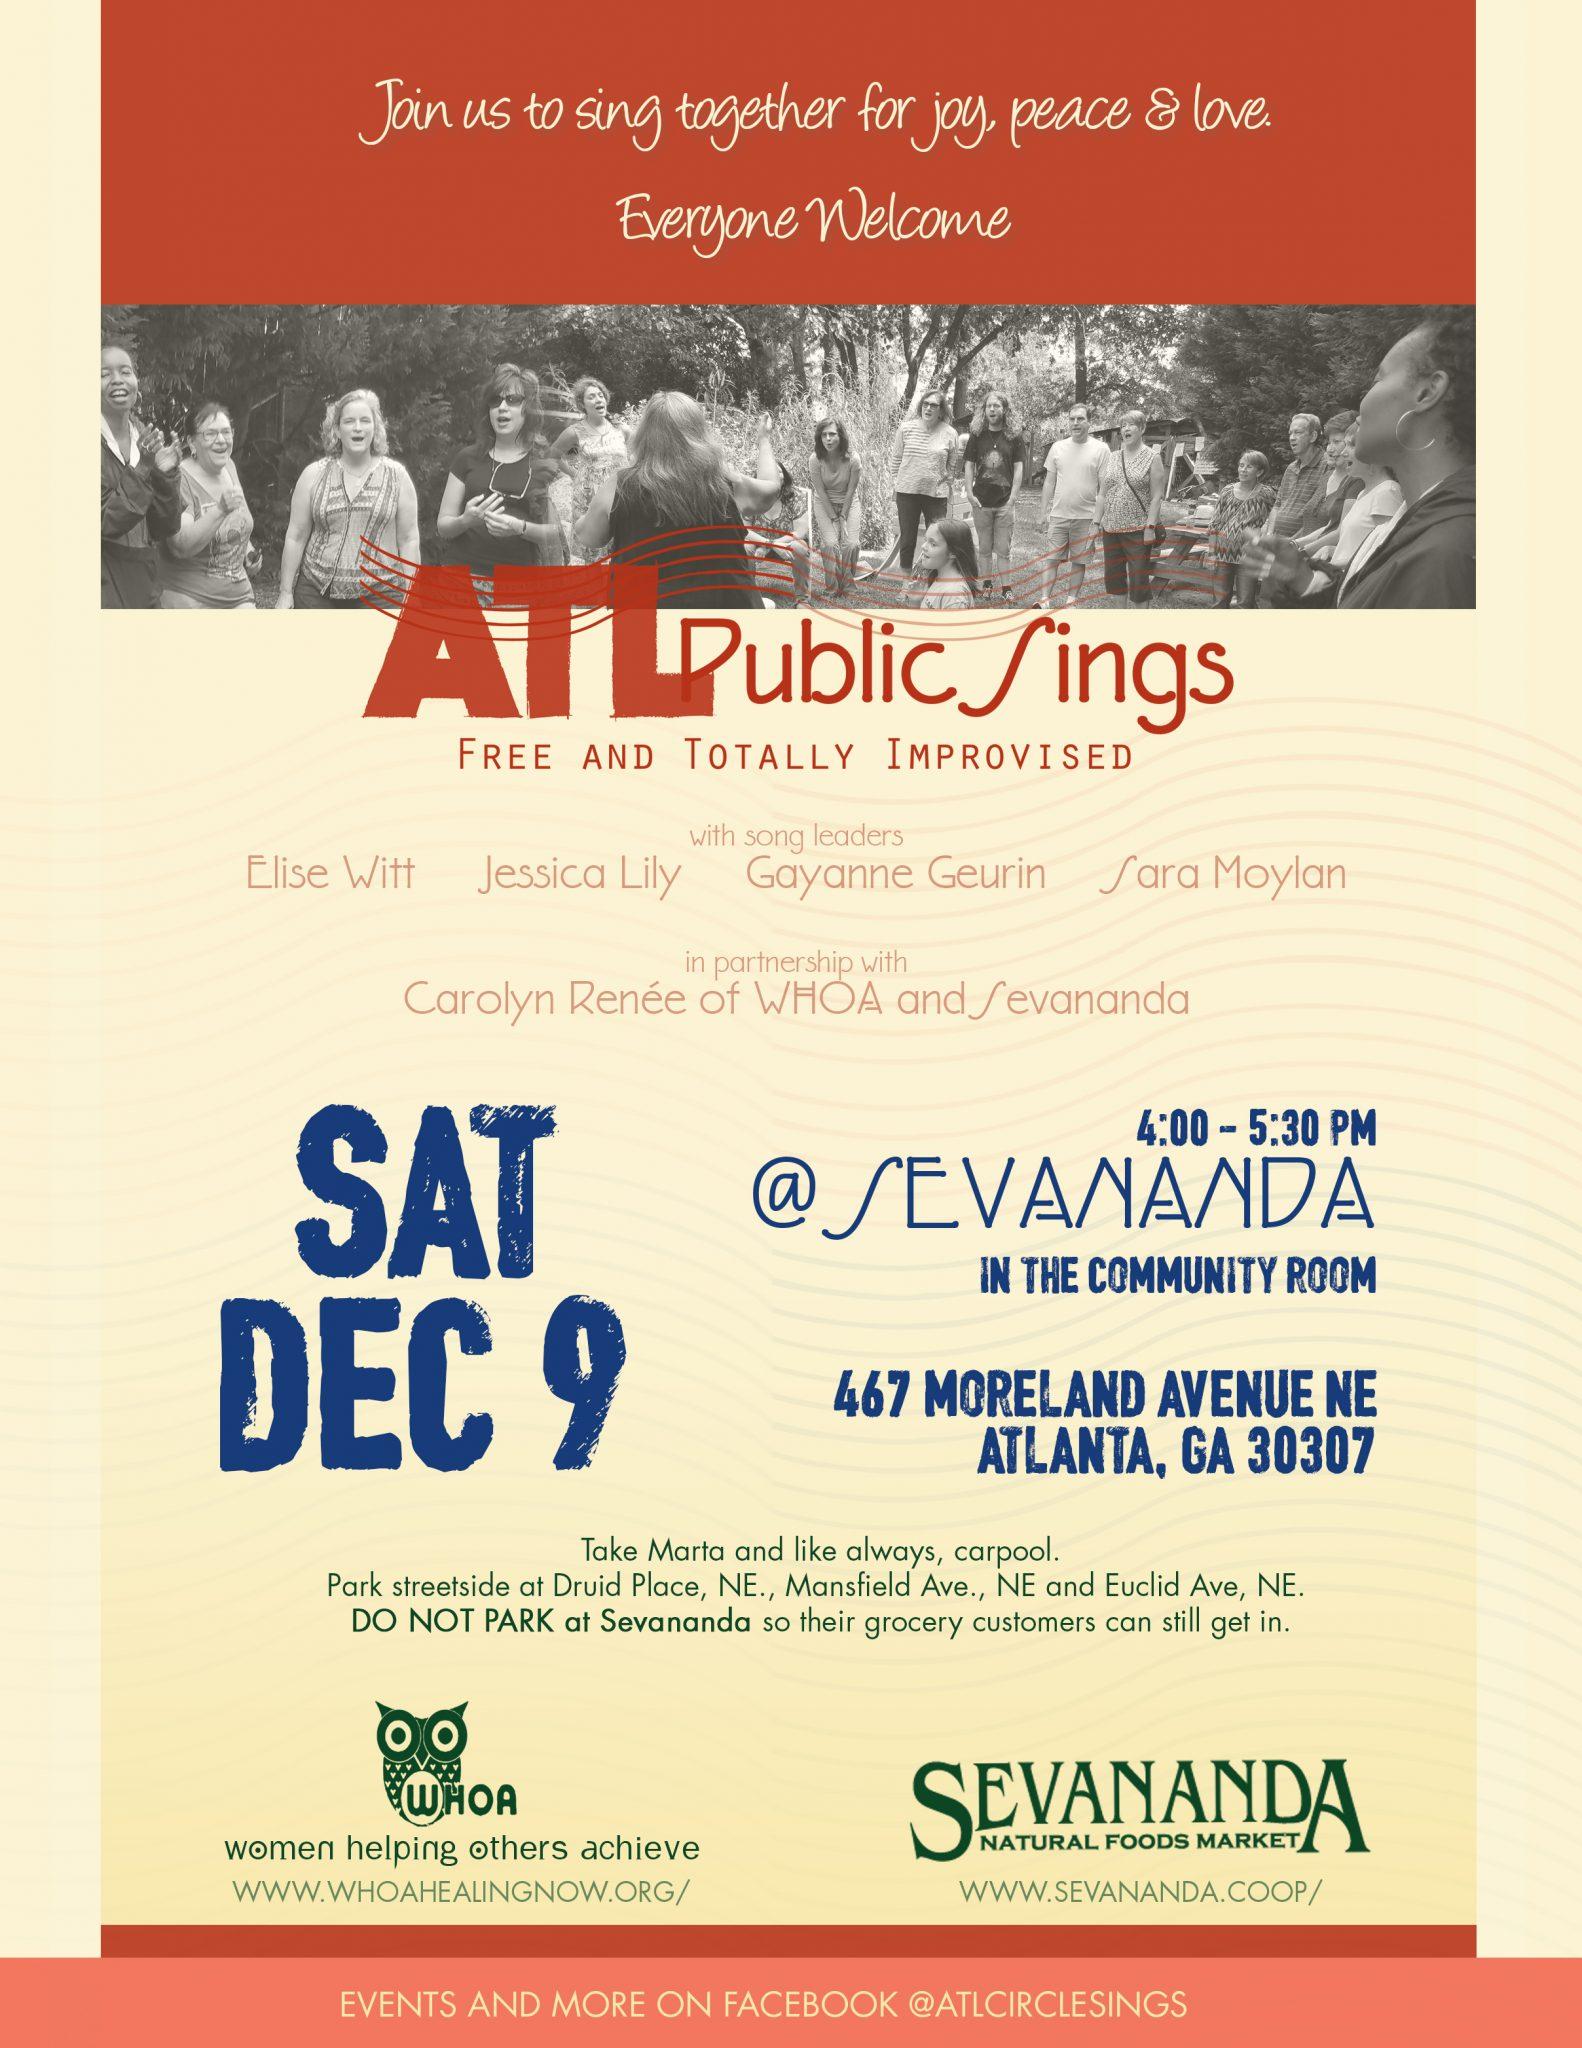 ATL Public Sings @ Sevananda